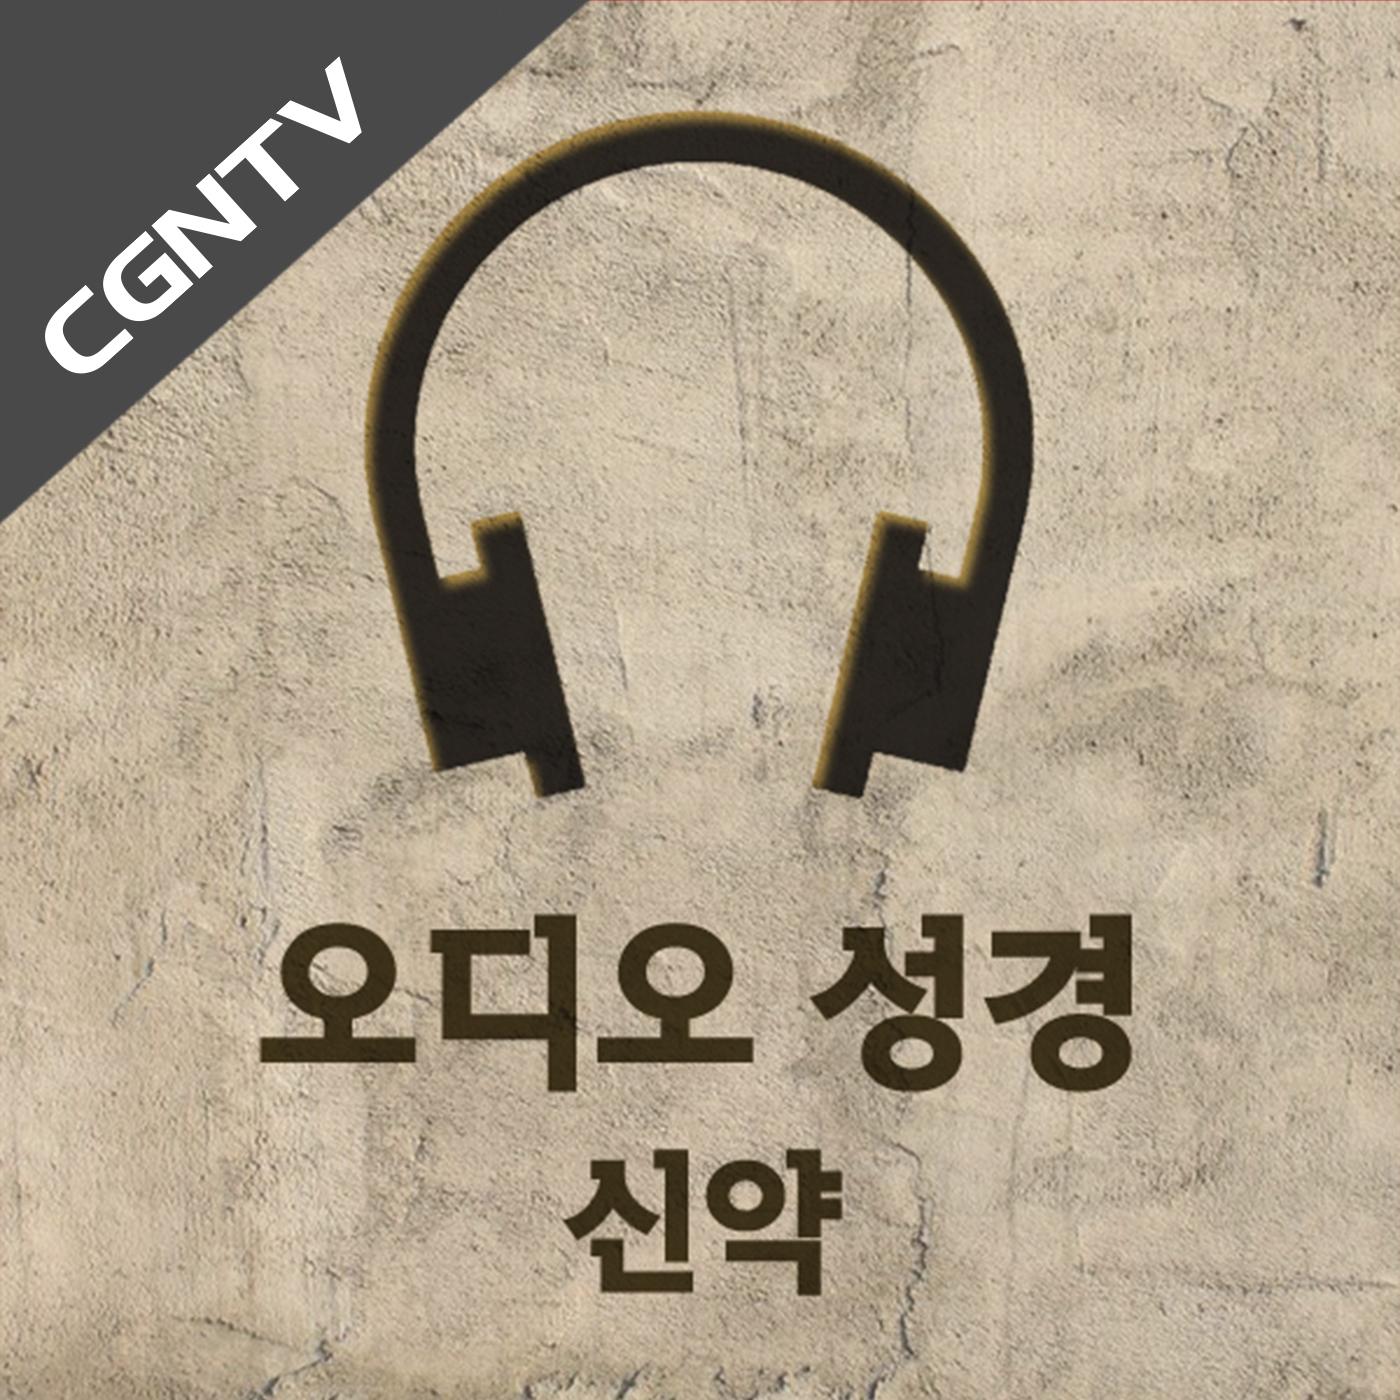 오디오 성경 - 신약 [CGNTV]